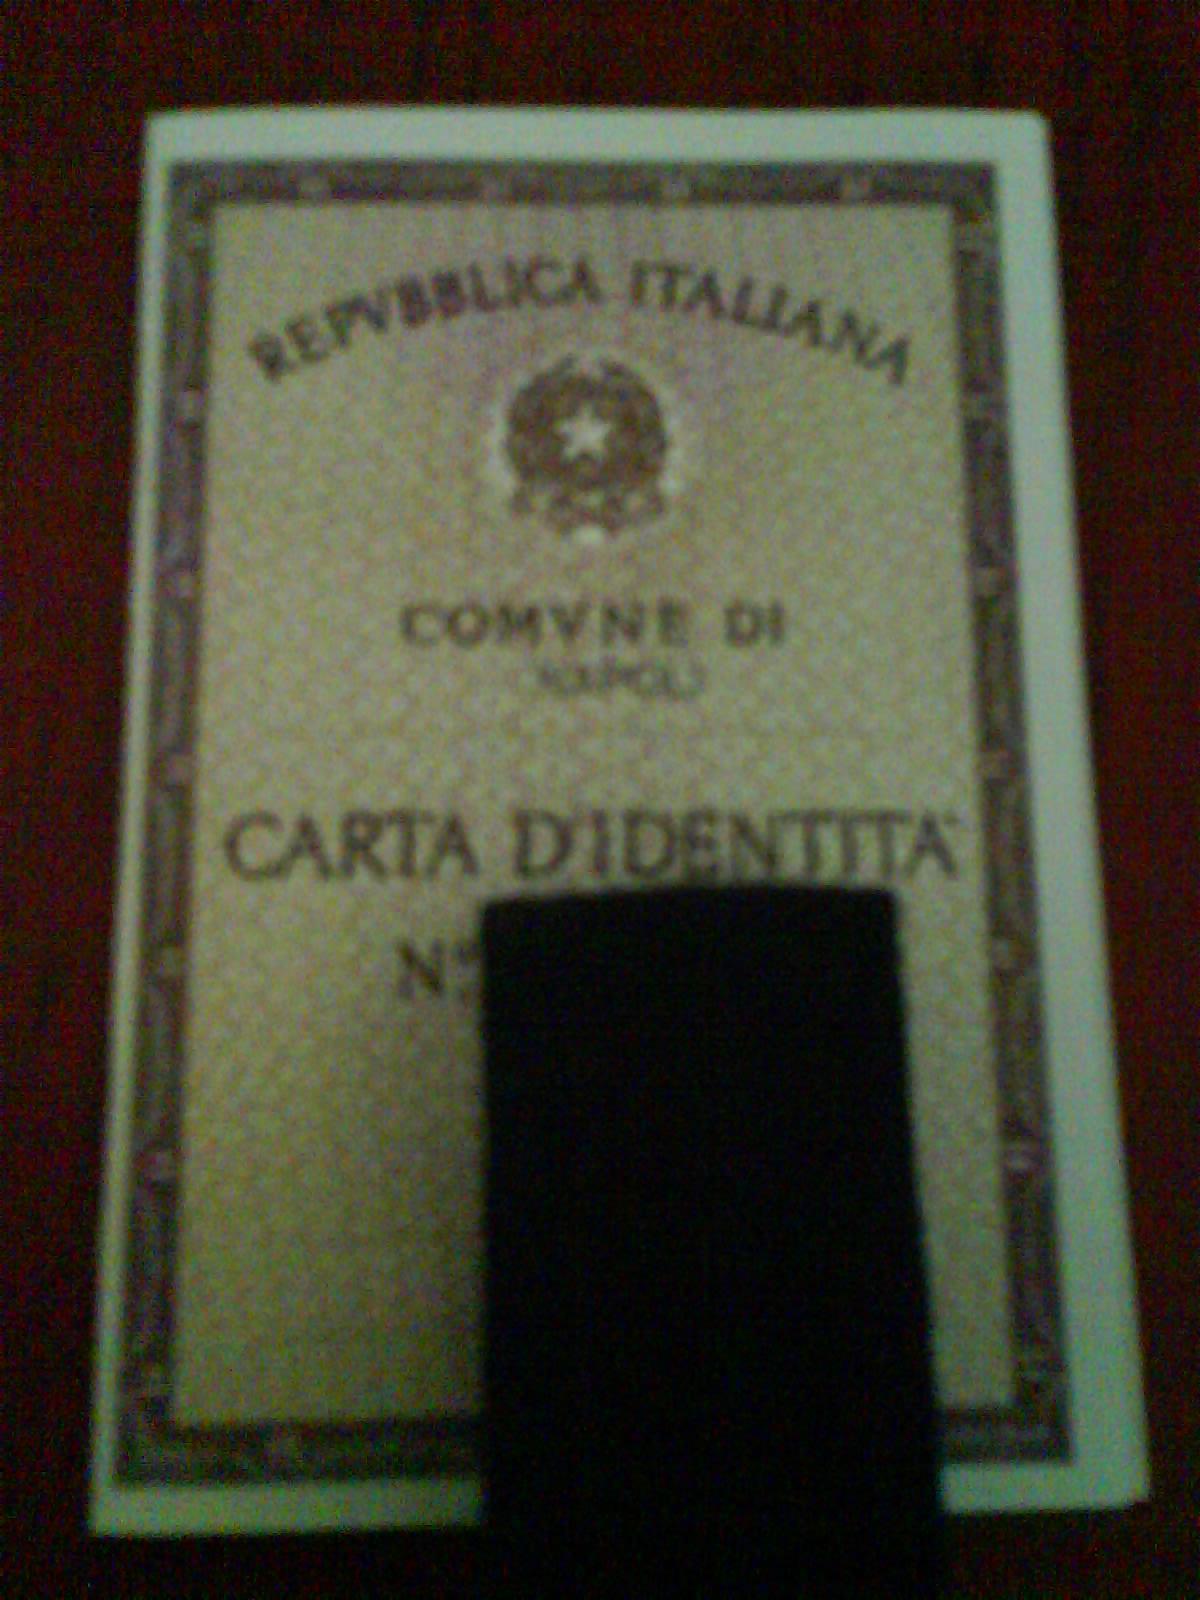 carta d'identita